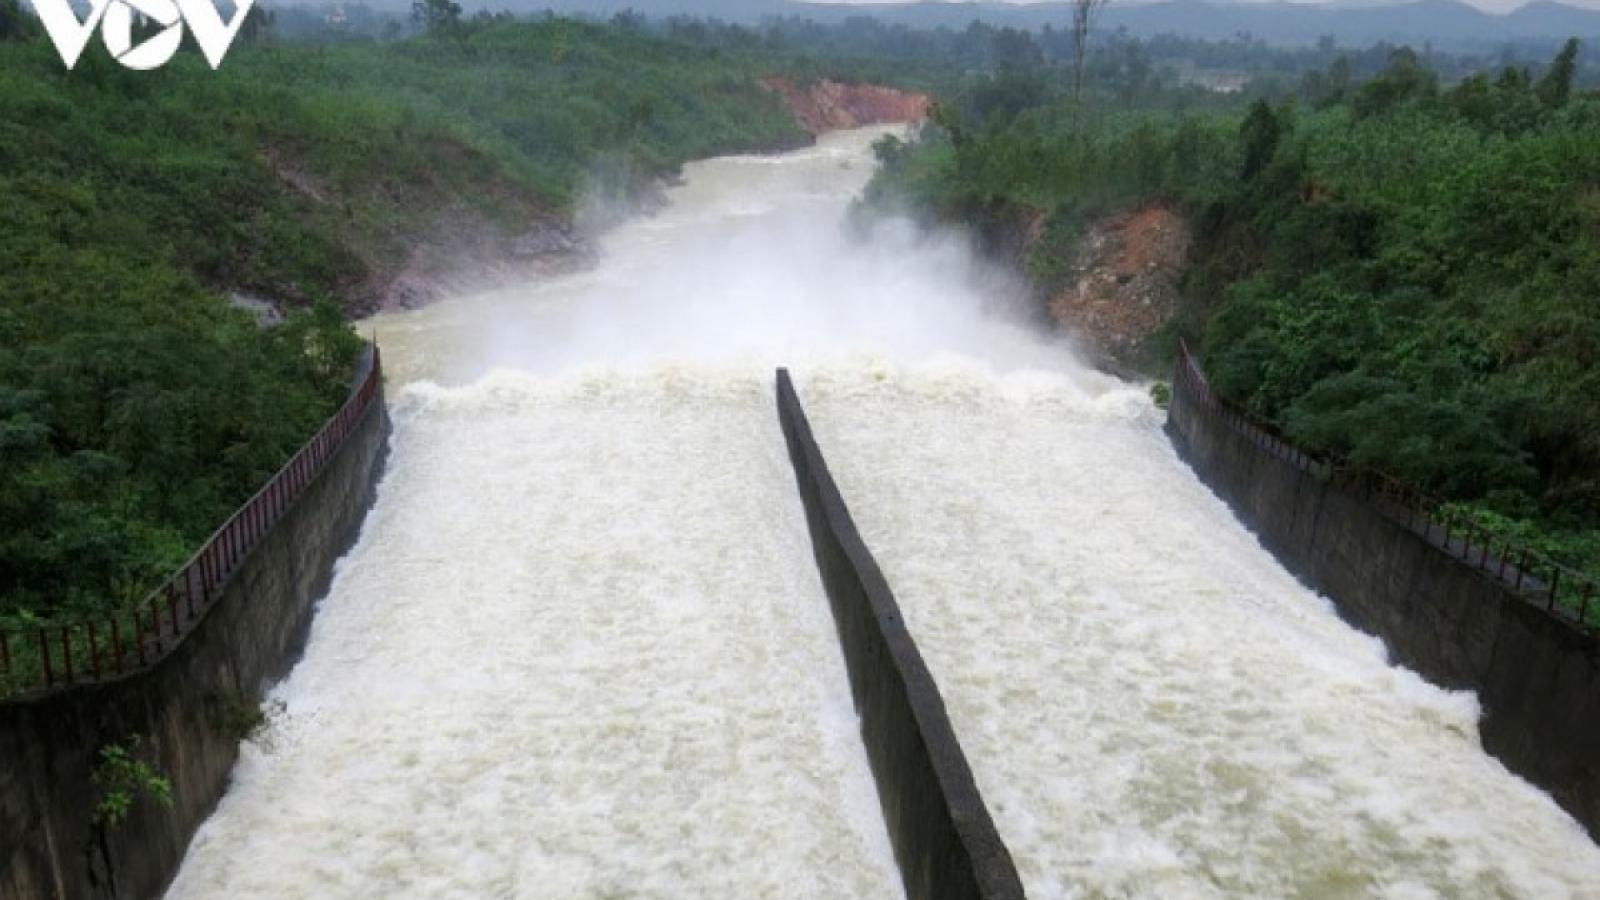 Hồ Kẻ Gỗ xả lũ qua tràn giảm còn 50m3/s